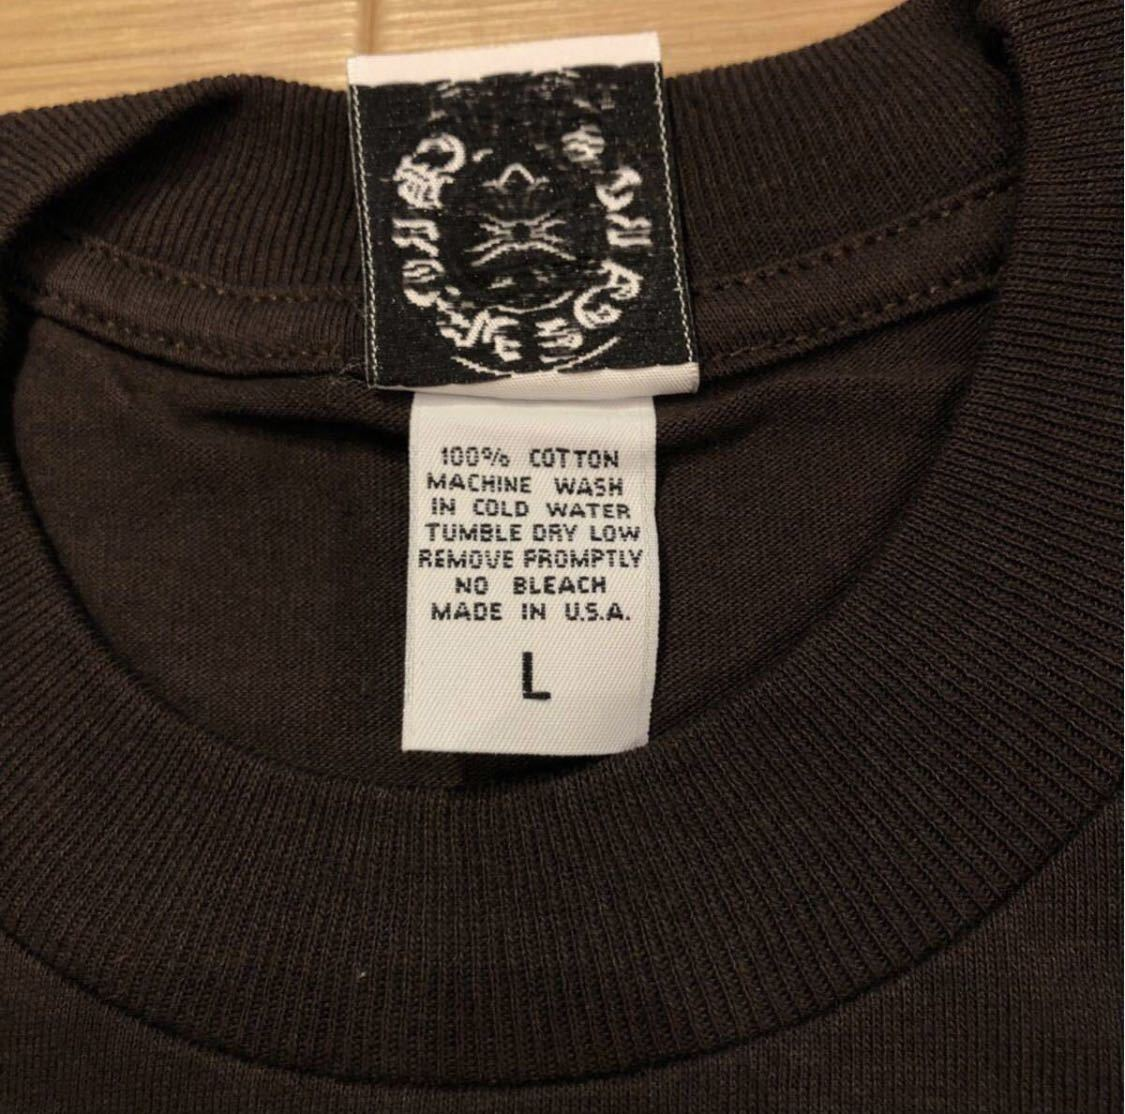 【L】レア 正規品 クロムハーツ インテレクチュアルギャラリー CHROME HEARTS Intellectual Gallery 限定 Tシャツ ポケT USA 5169_画像6